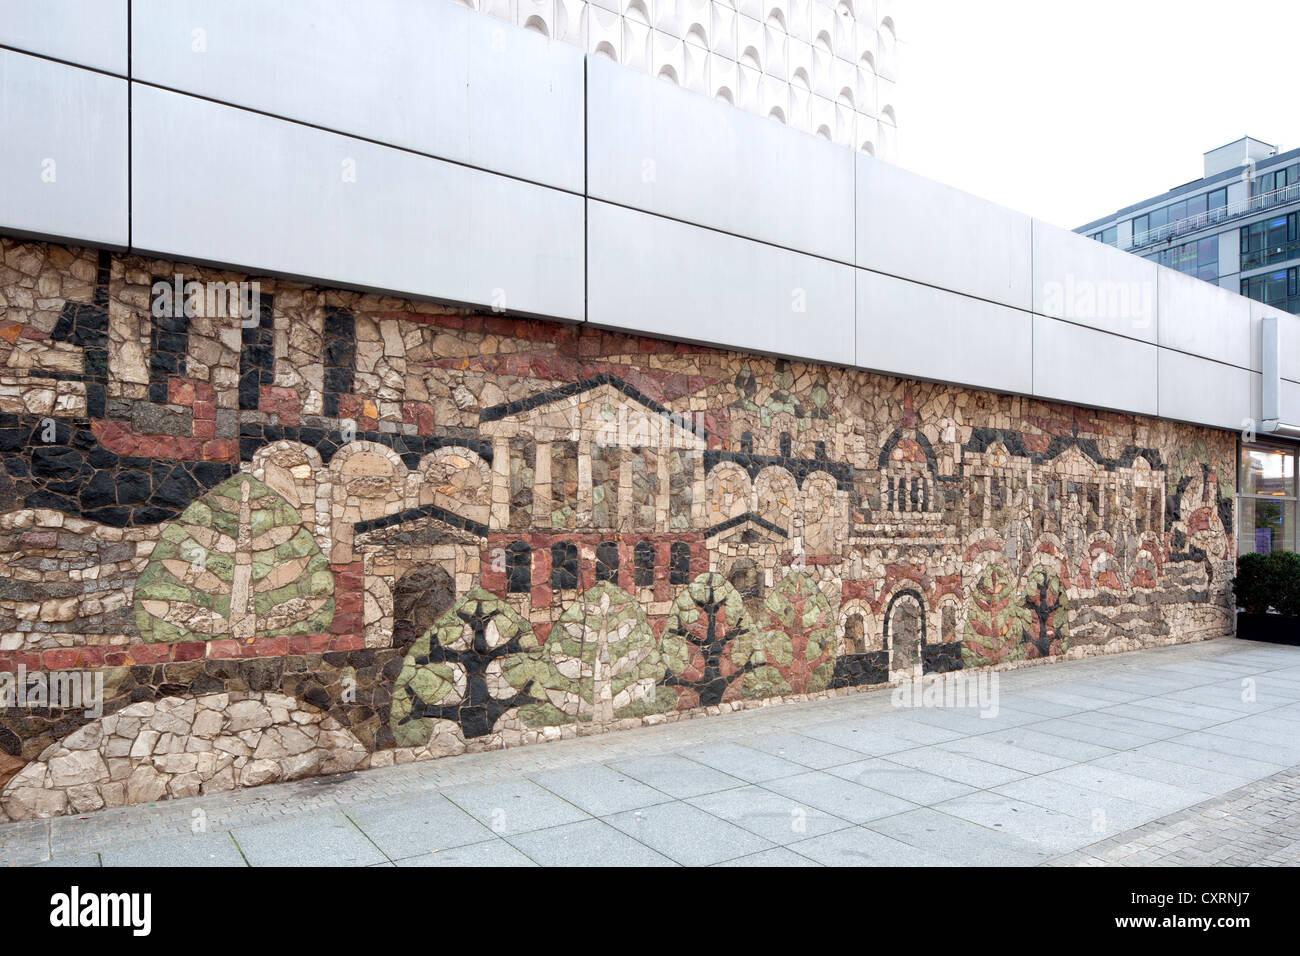 Wandrelief am Fuße von einem Hochhaus, Prager Straße, Dresden, Sachsen, Deutschland, Europa, PublicGround Stockbild